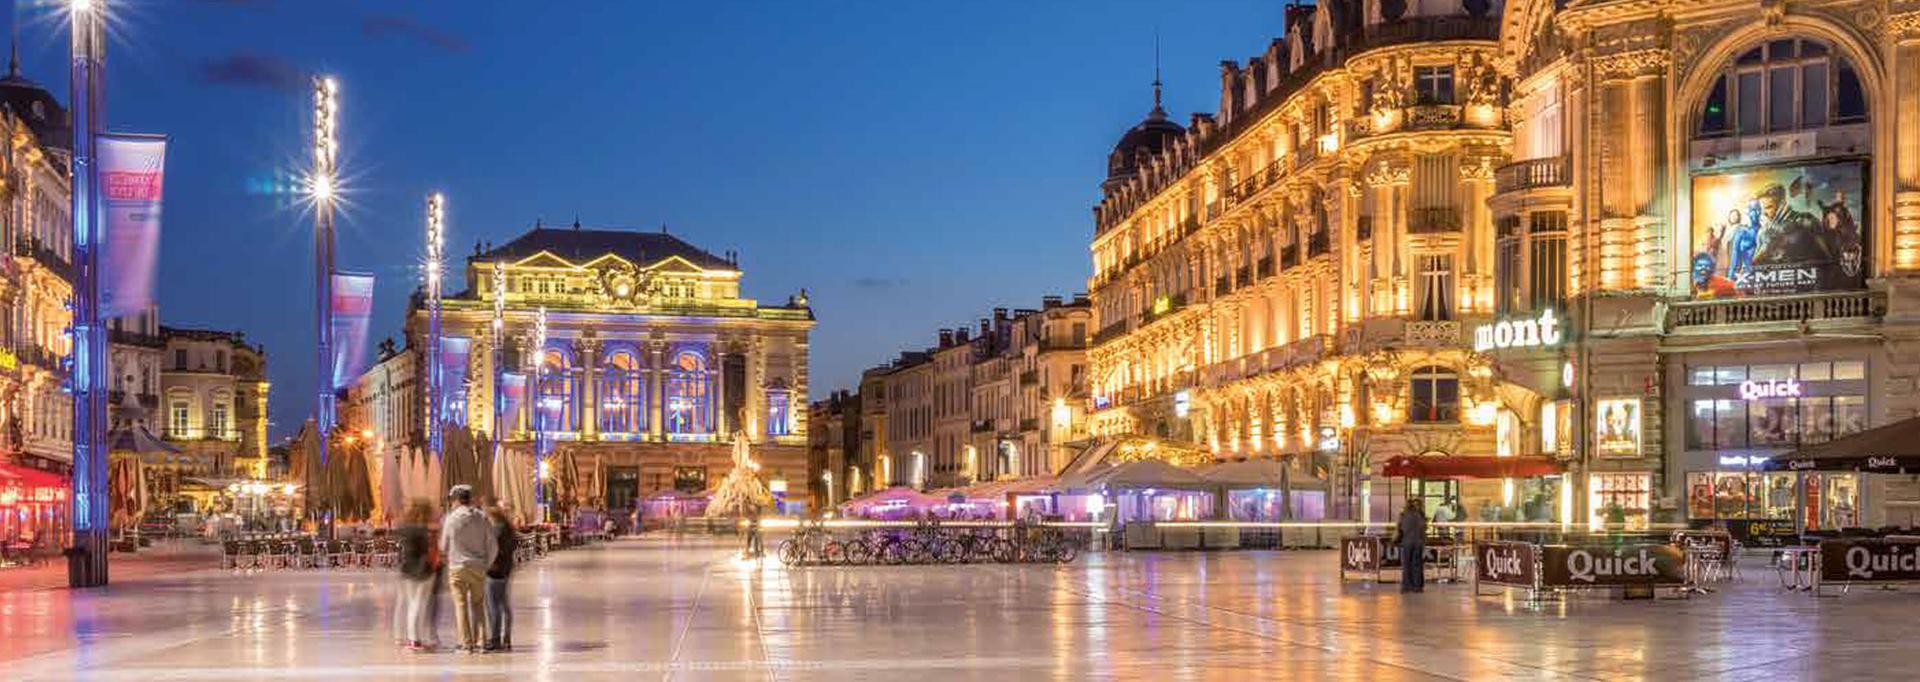 29354_083_banner-ville-Montpellier